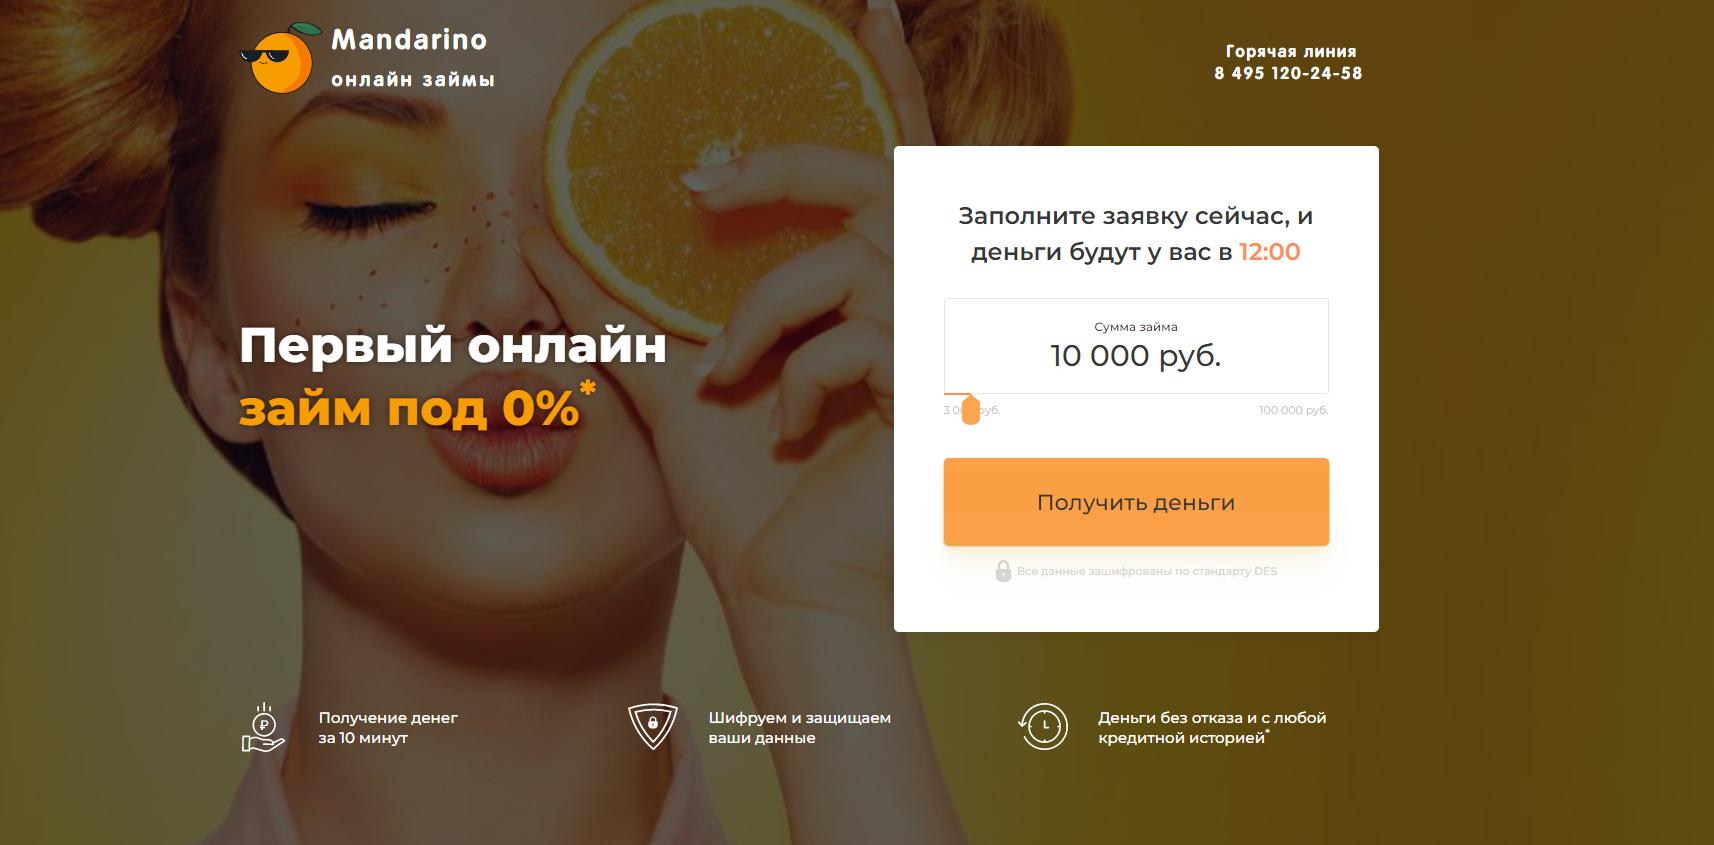 mandarino-otpisatsya_1